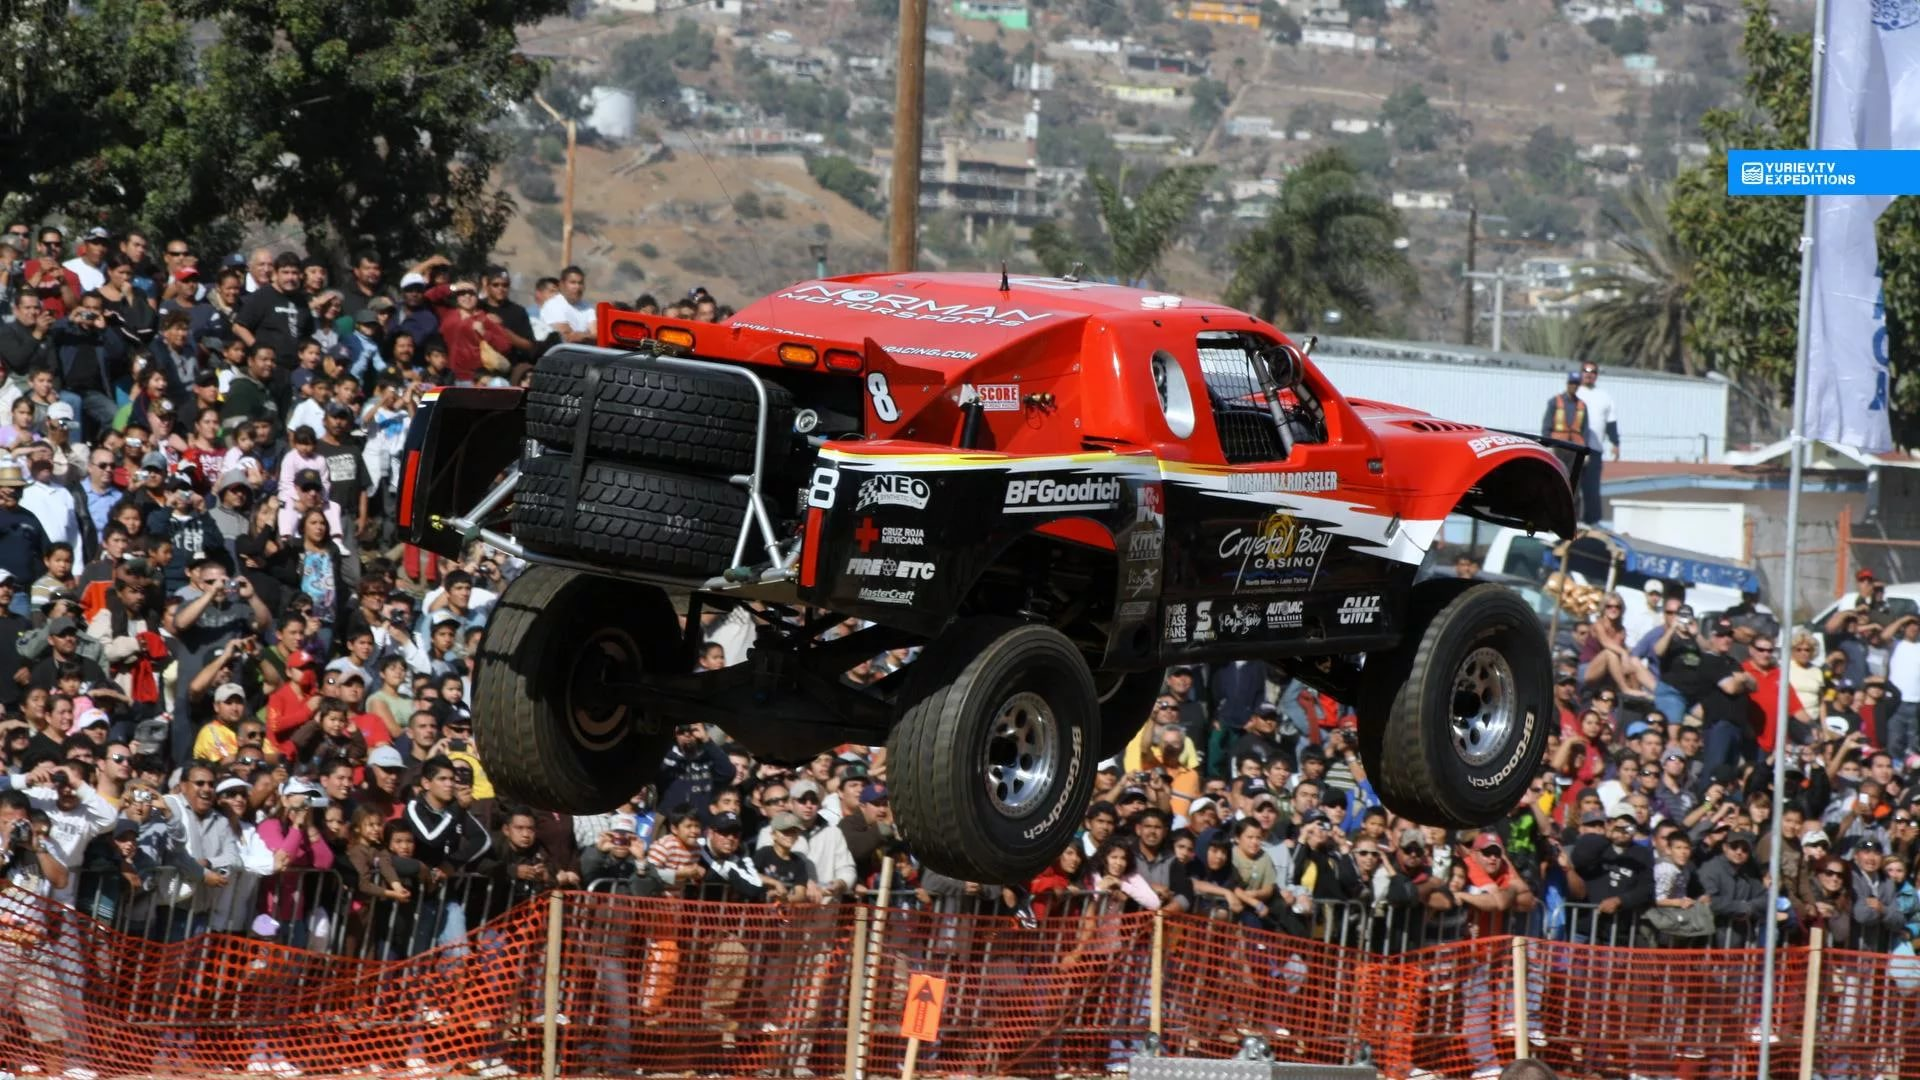 Baja 1000 1080p Baja 1000 4125 Monster Truck 63264 Hd Wallpaper Backgrounds Download